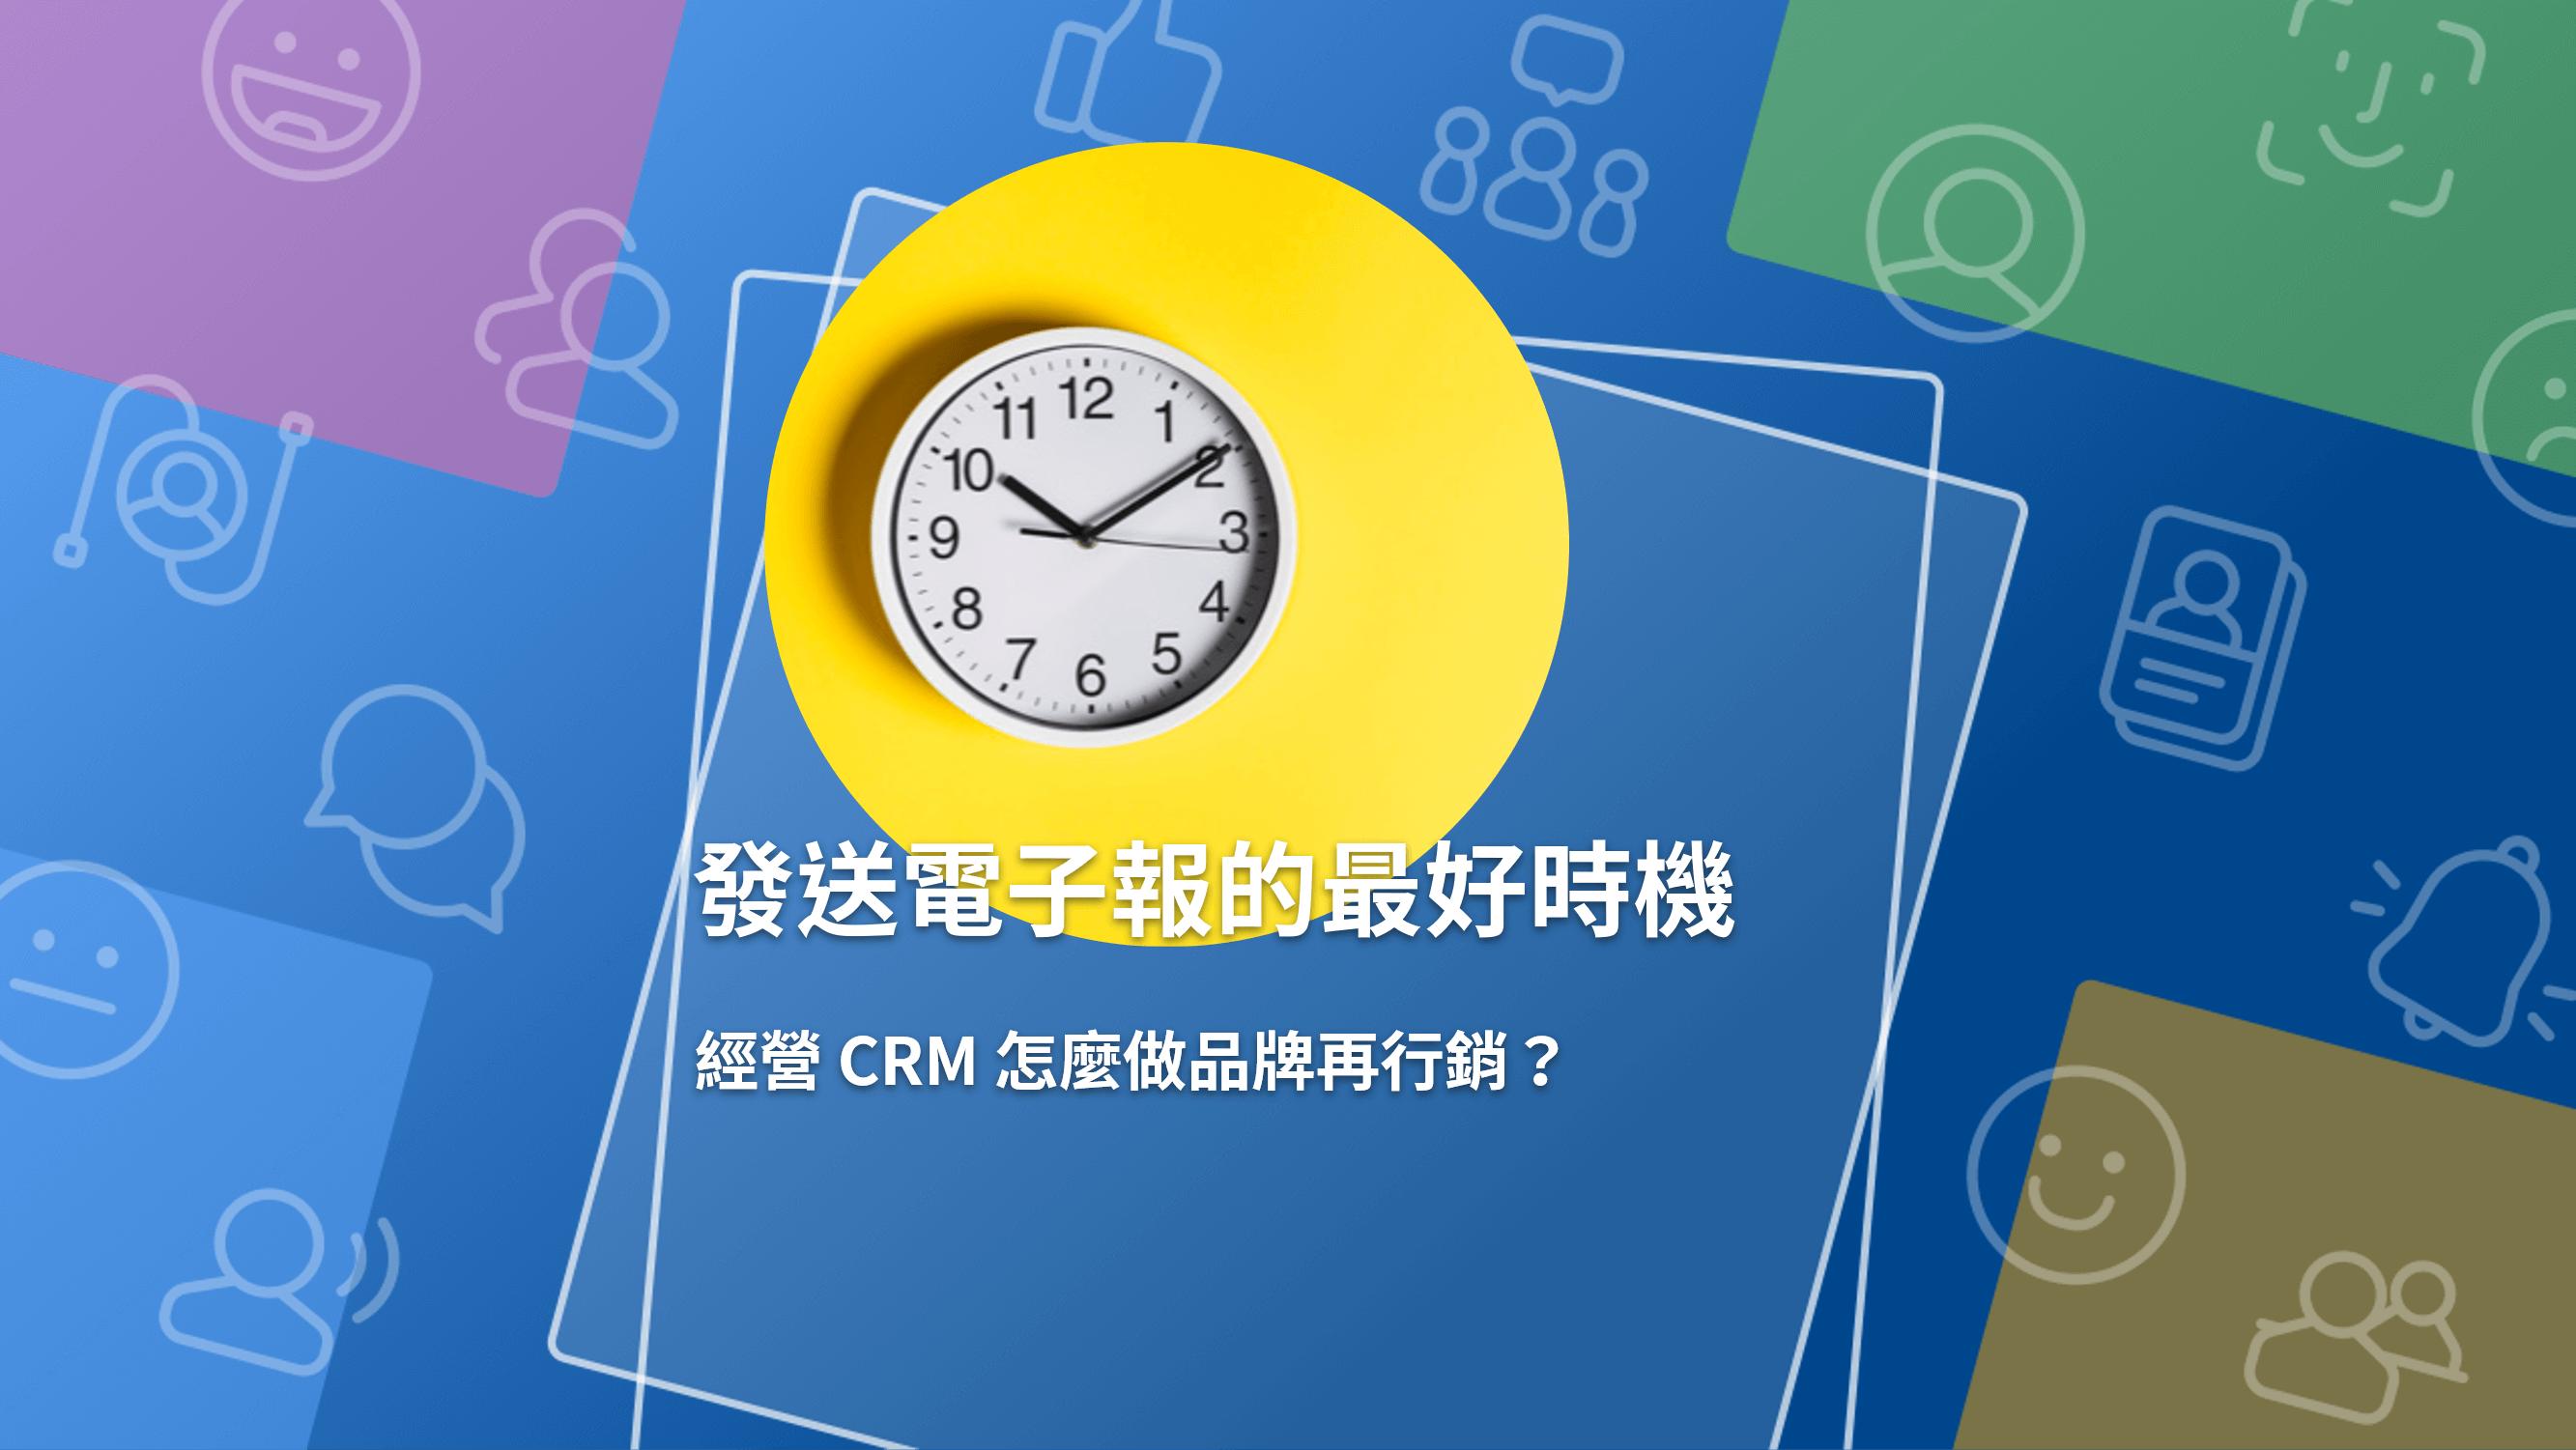 掌握 EDM 寄送時機,才能獲得最大收益。